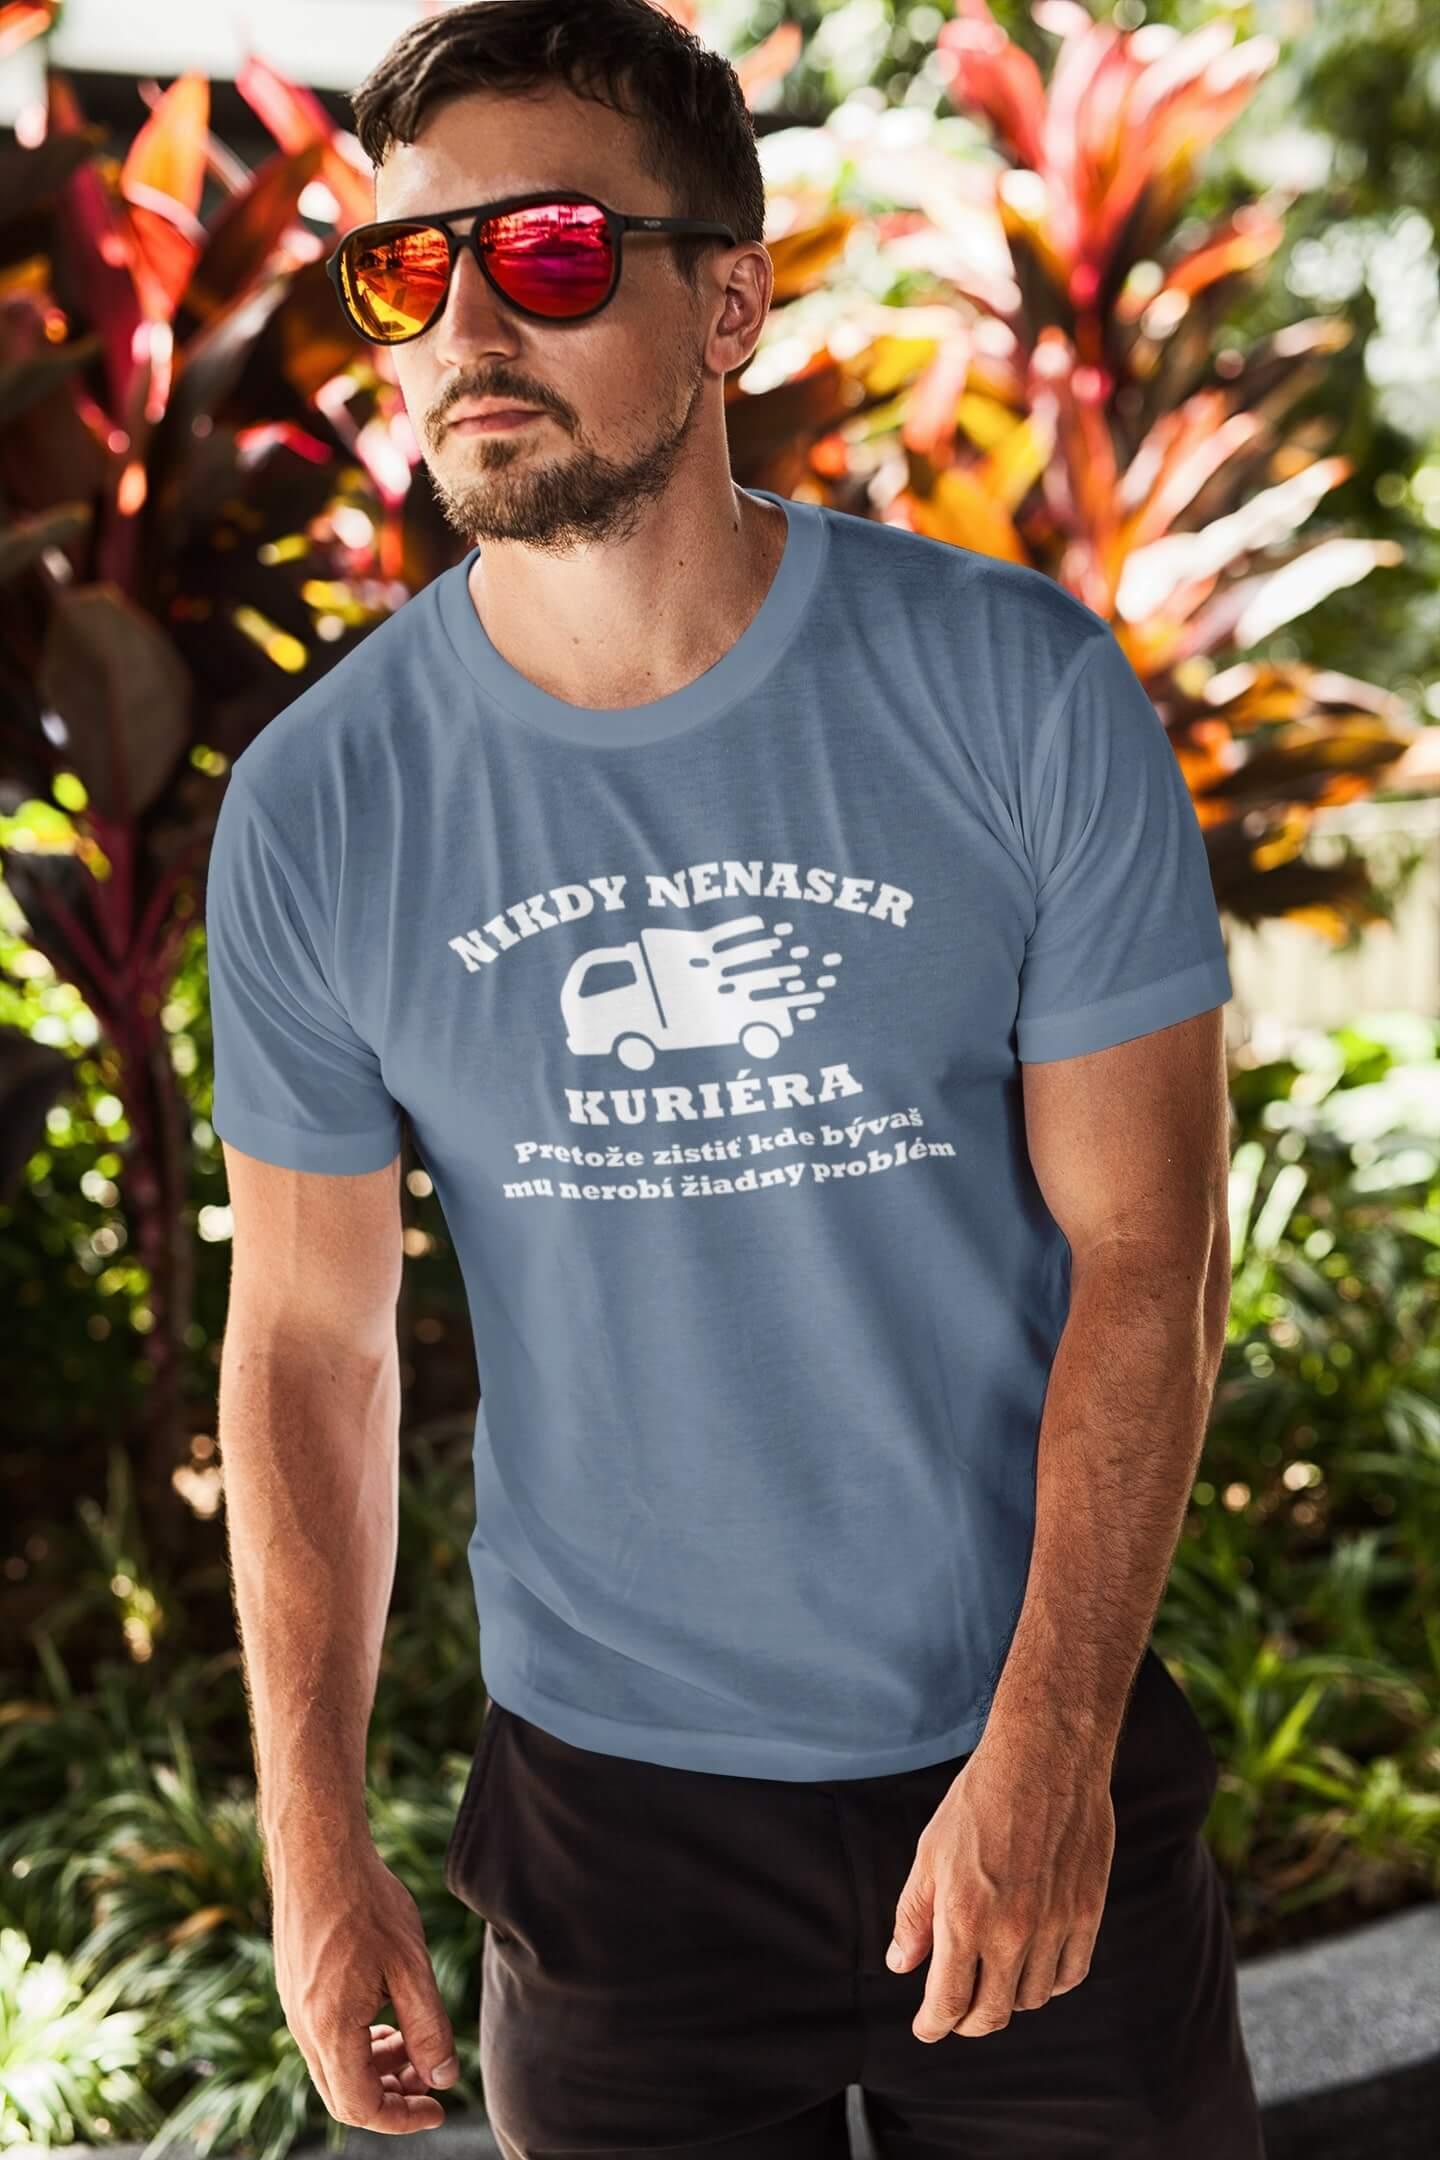 MMO Pánske tričko Kurier Vyberte farbu: Denim, Vyberte veľkosť: XS